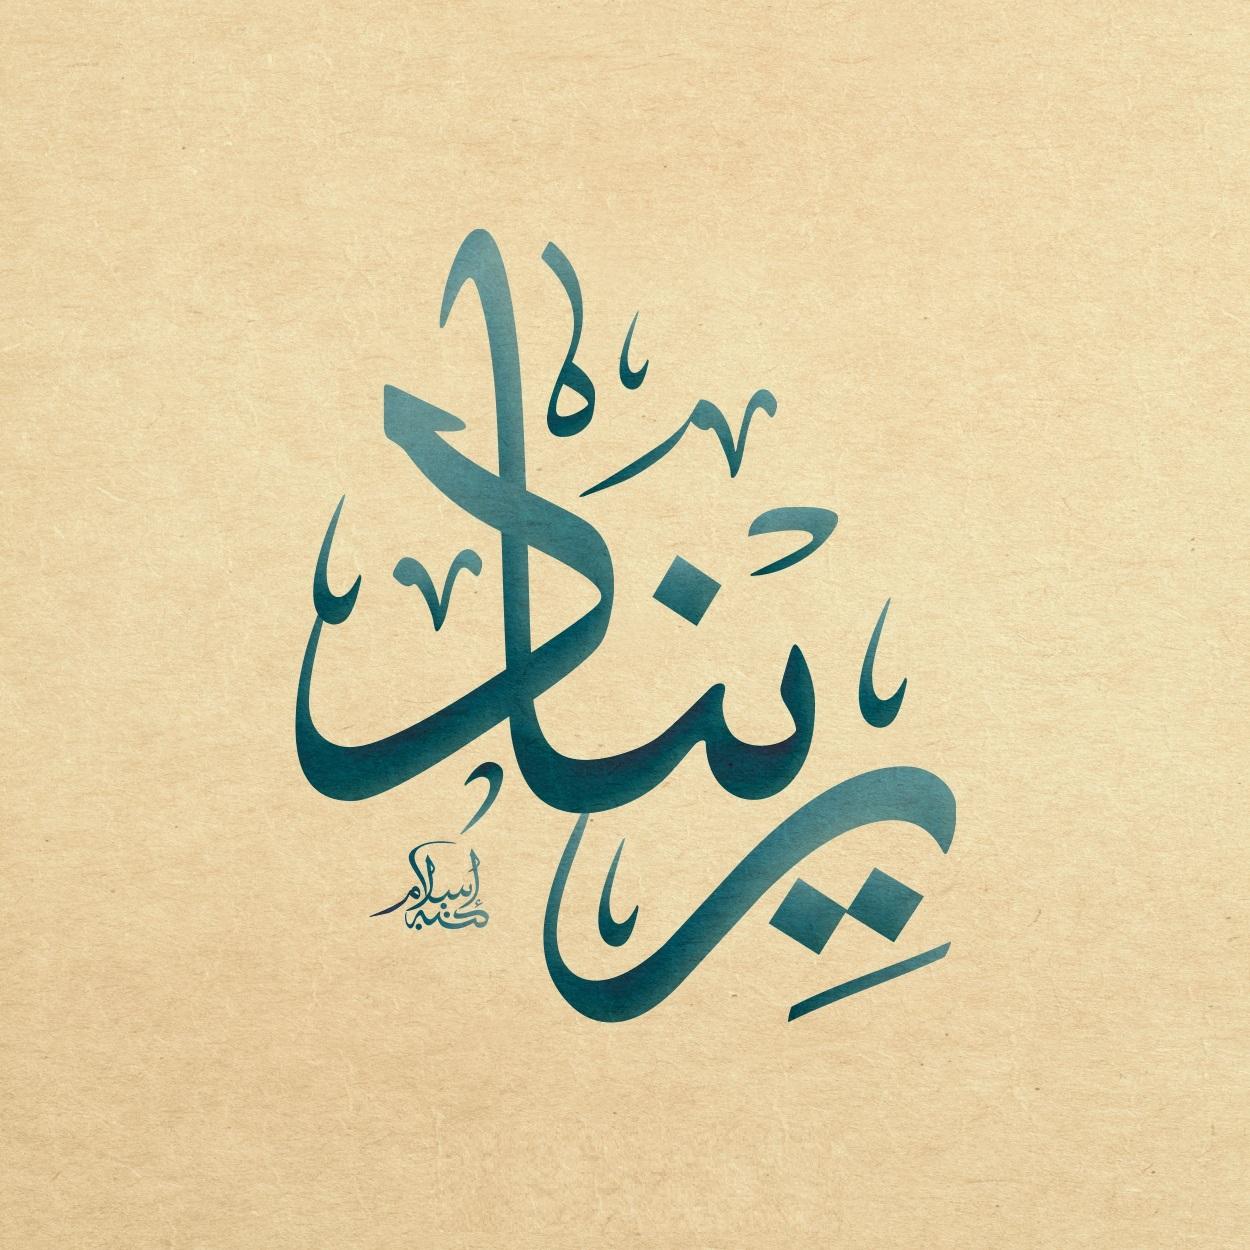 صورة اسماء بنات من 5 حروف 5302 7